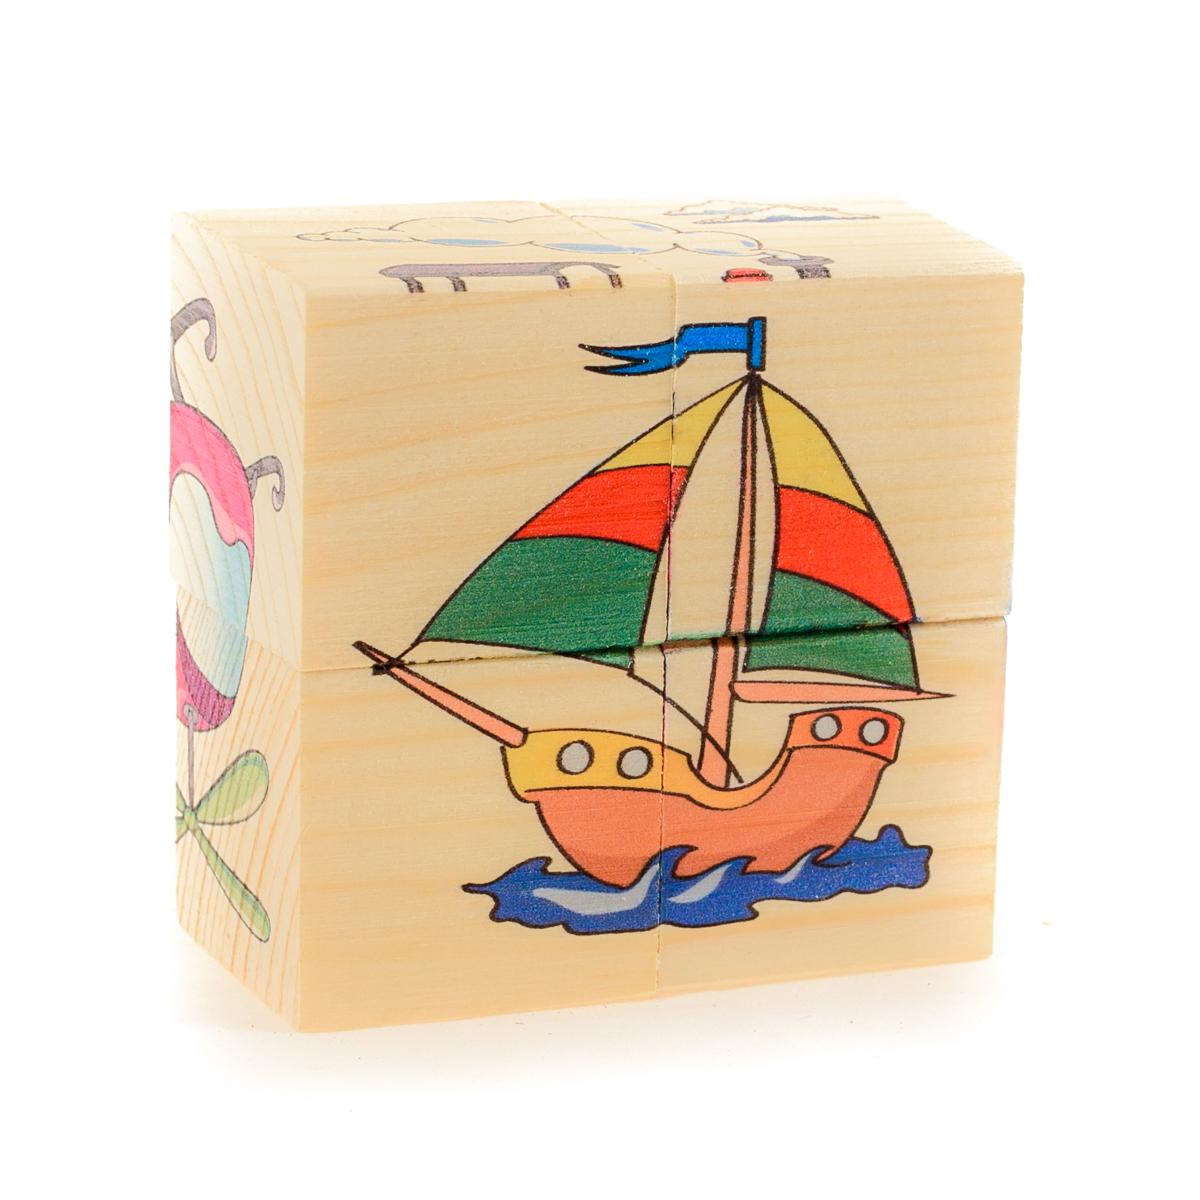 Развивающие деревянные игрушки Кубики Транспорт Д483аД483аКубики из натурального дерева - любимая игрушка каждого ребенка. Кубики обожают дети. Игру с кубиками в детстве с удовольствием и теплом вспоминают взрослые. Для кубиков серии Развивающие деревянные игрушки используется только натуральное отечественное дерево мягких пород с минимальной обработкой, что позволило максимально сохранить ощущение фактуры дерева и его аромата. Яркие, контрастные и понятные ребенку иллюстрации нанесены экологичными красками. Кубики из дерева - не только прекрасный строительный материал для вполощения детских фантазий, но и удобное пособие для развития зрительной памяти, логики и мелкой моторики у детей. Объясните ребенку, что на каждой грани кубика нанесена часть картинки, а если 4 картинки собрать вместе, получится изображение. Покажите ему пример. С помощью набора Собери рисунок. Кубики-пазл. ТРАНСПОРТ можно собрать 6 разных изображений наземного, водного и воздушного транспорта. ВНИМАНИЕ! Детали игрушки выполнены из натурального дерева...